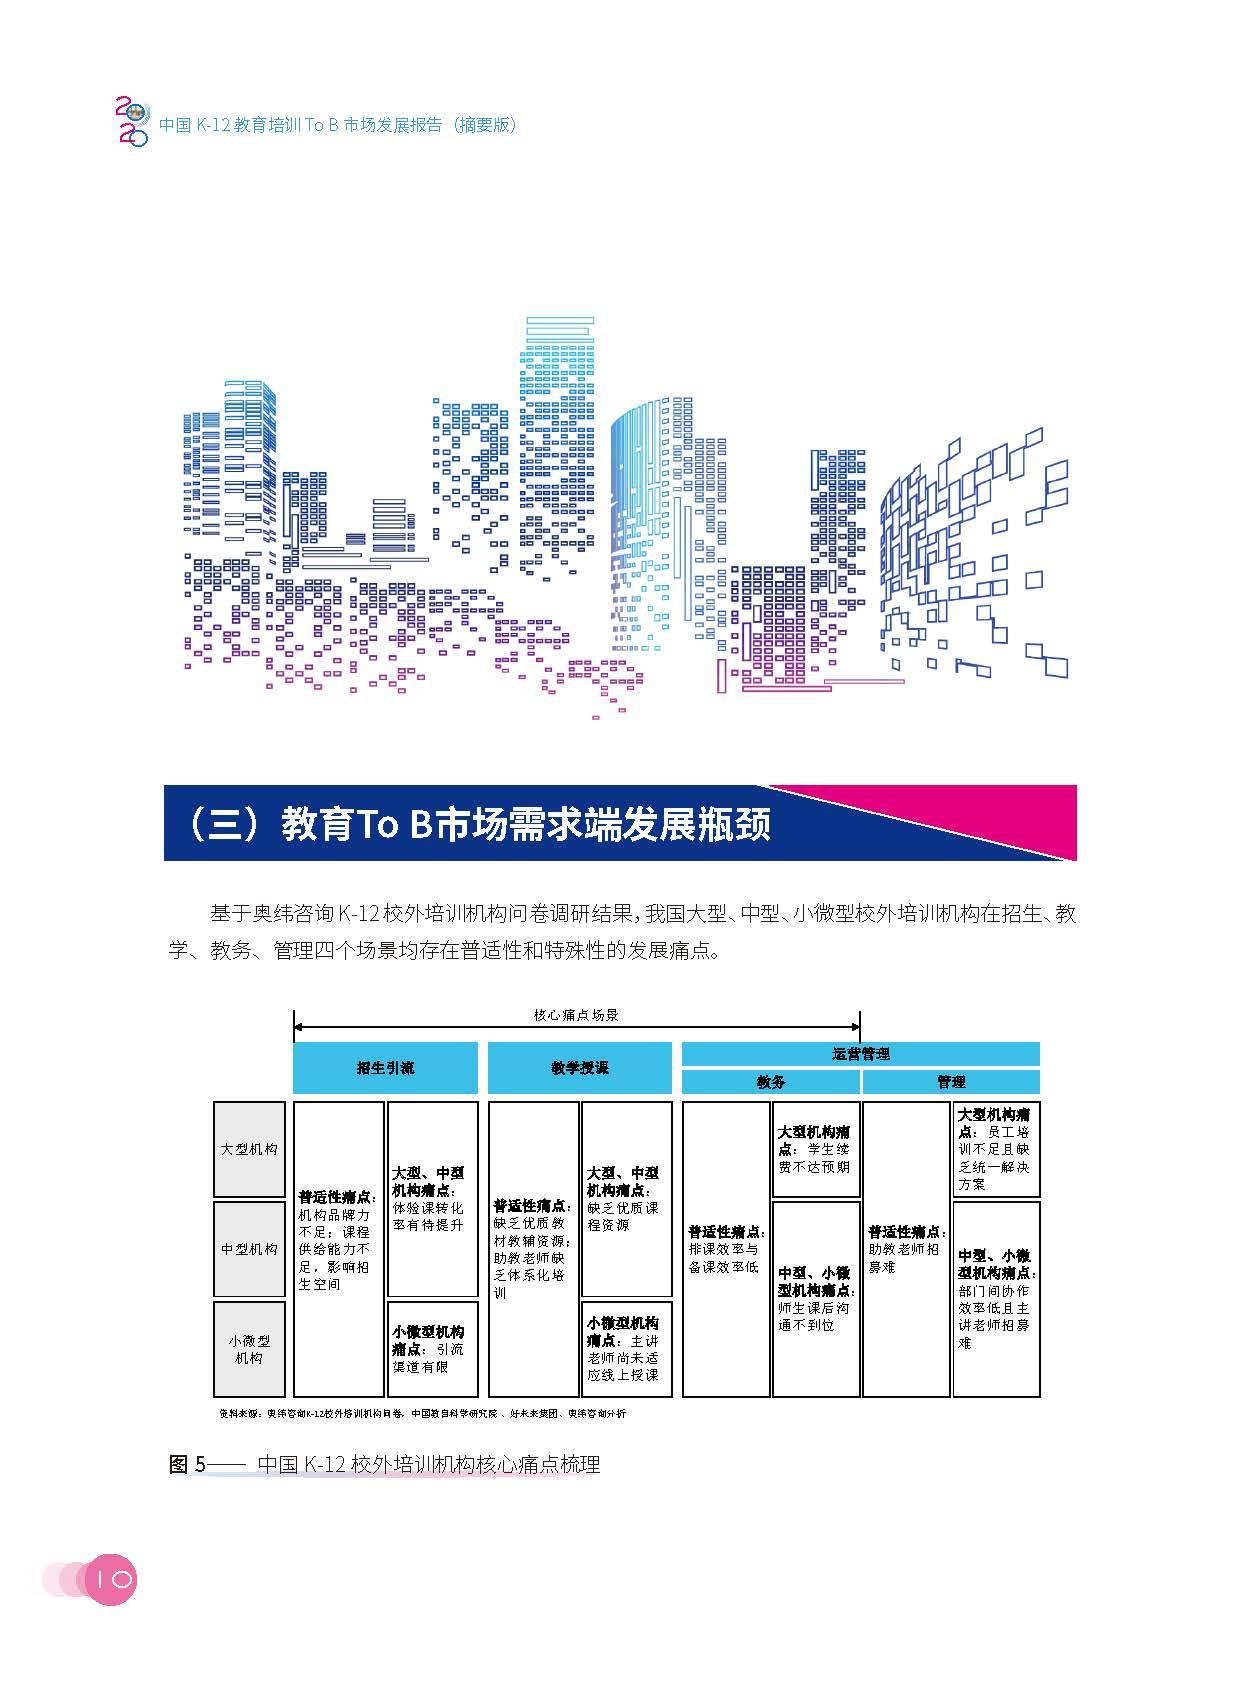 中国教育科学研究院:2020中国K~12教育培训To B市场发展报告(56页)_页面_13.jpg